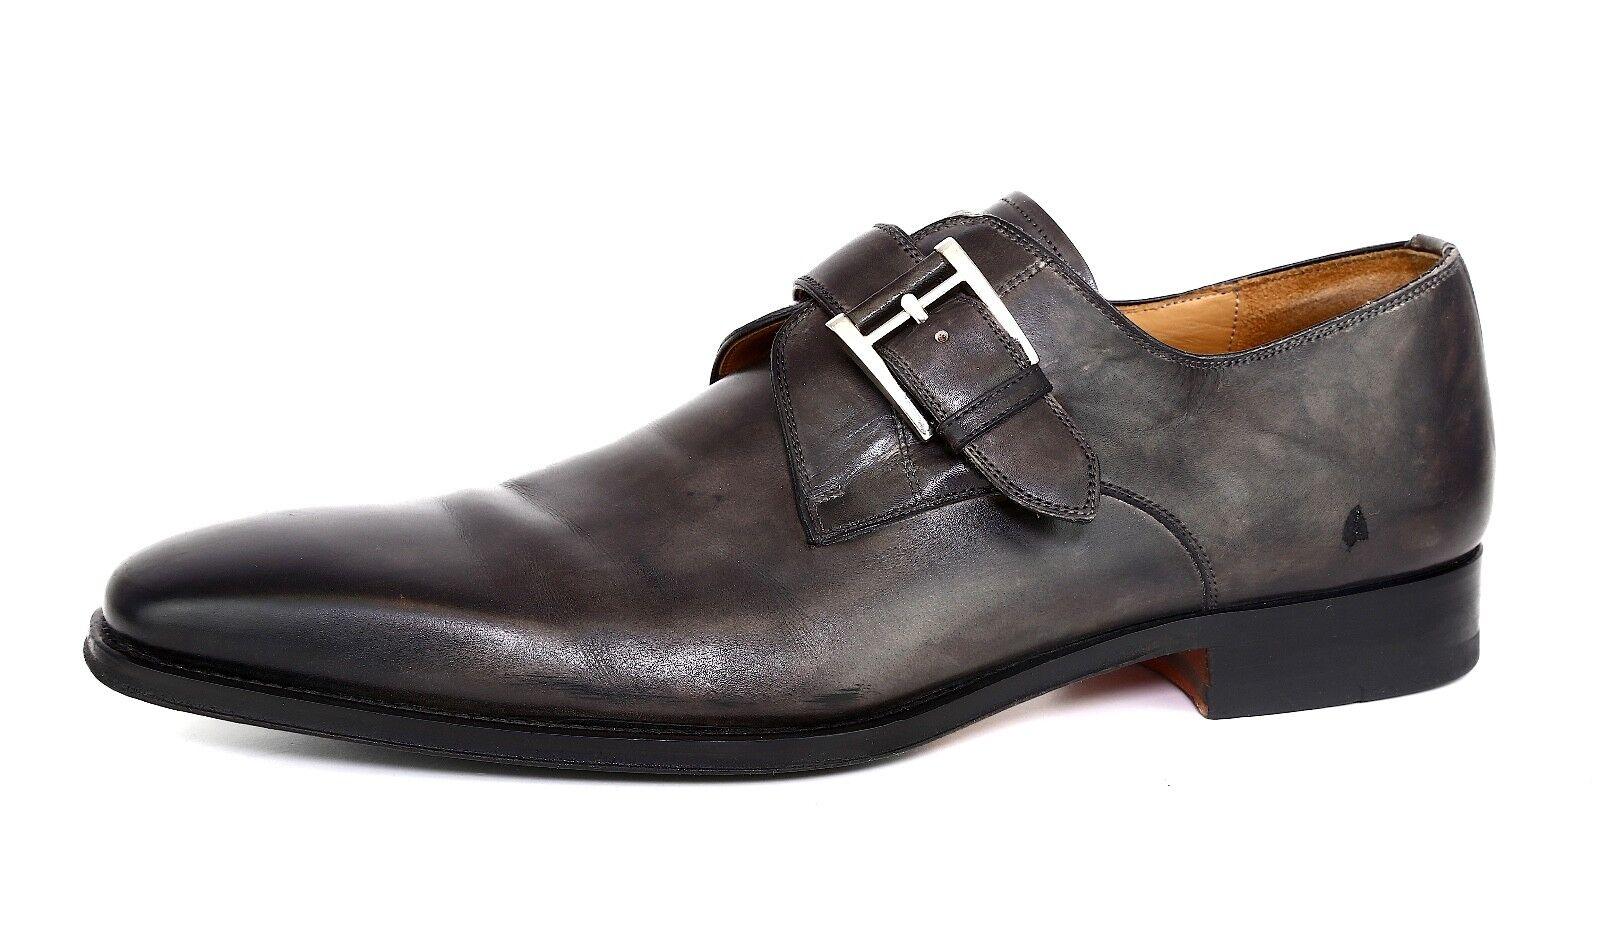 Magnanni Marco Monk Strap Pelle Loafer Dark Grey Sz 10 5007